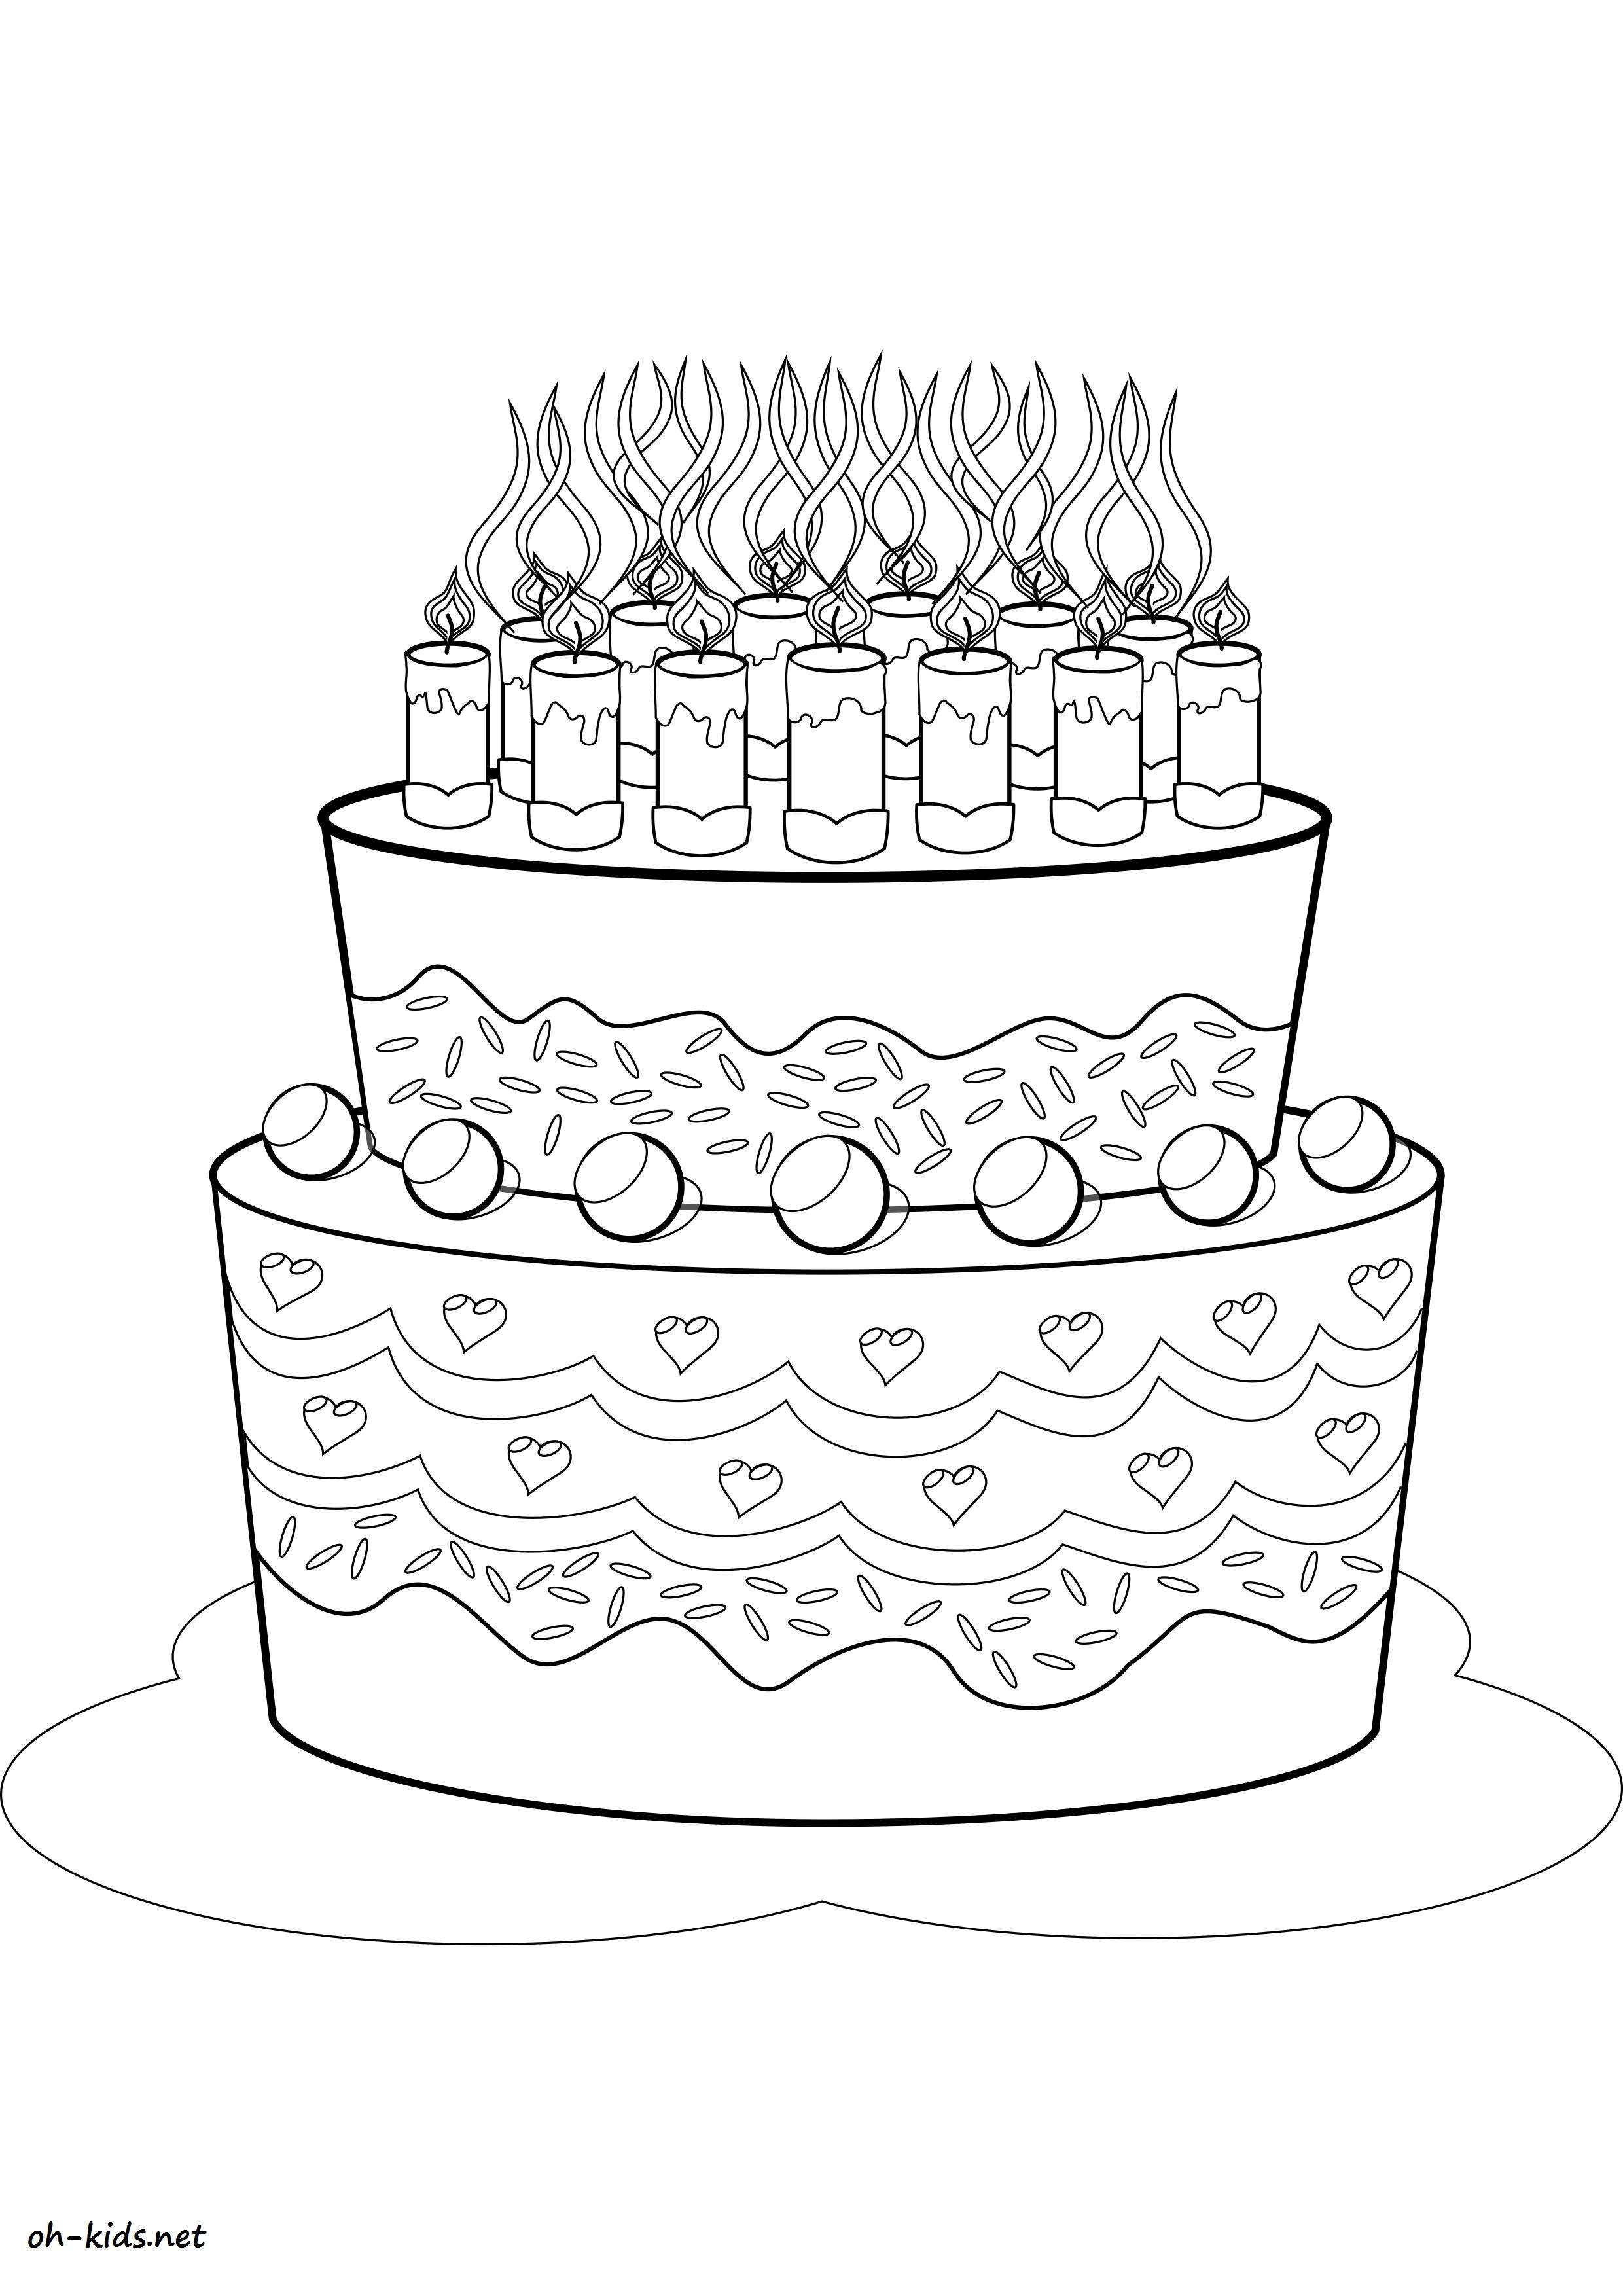 Coloriage Gâteau Anniversaire - Oh Kids Fr encequiconcerne Gateau Anniversaire À Colorier